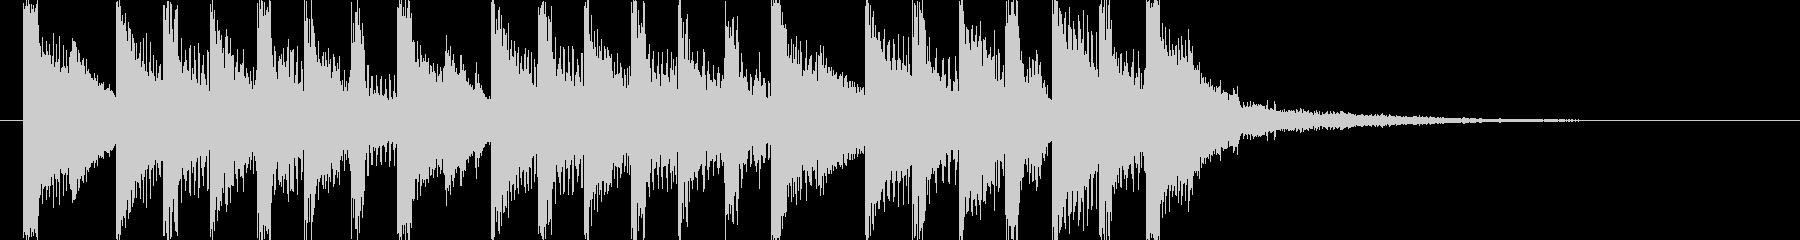 ラジオに合う爽やかポップジングル4の未再生の波形